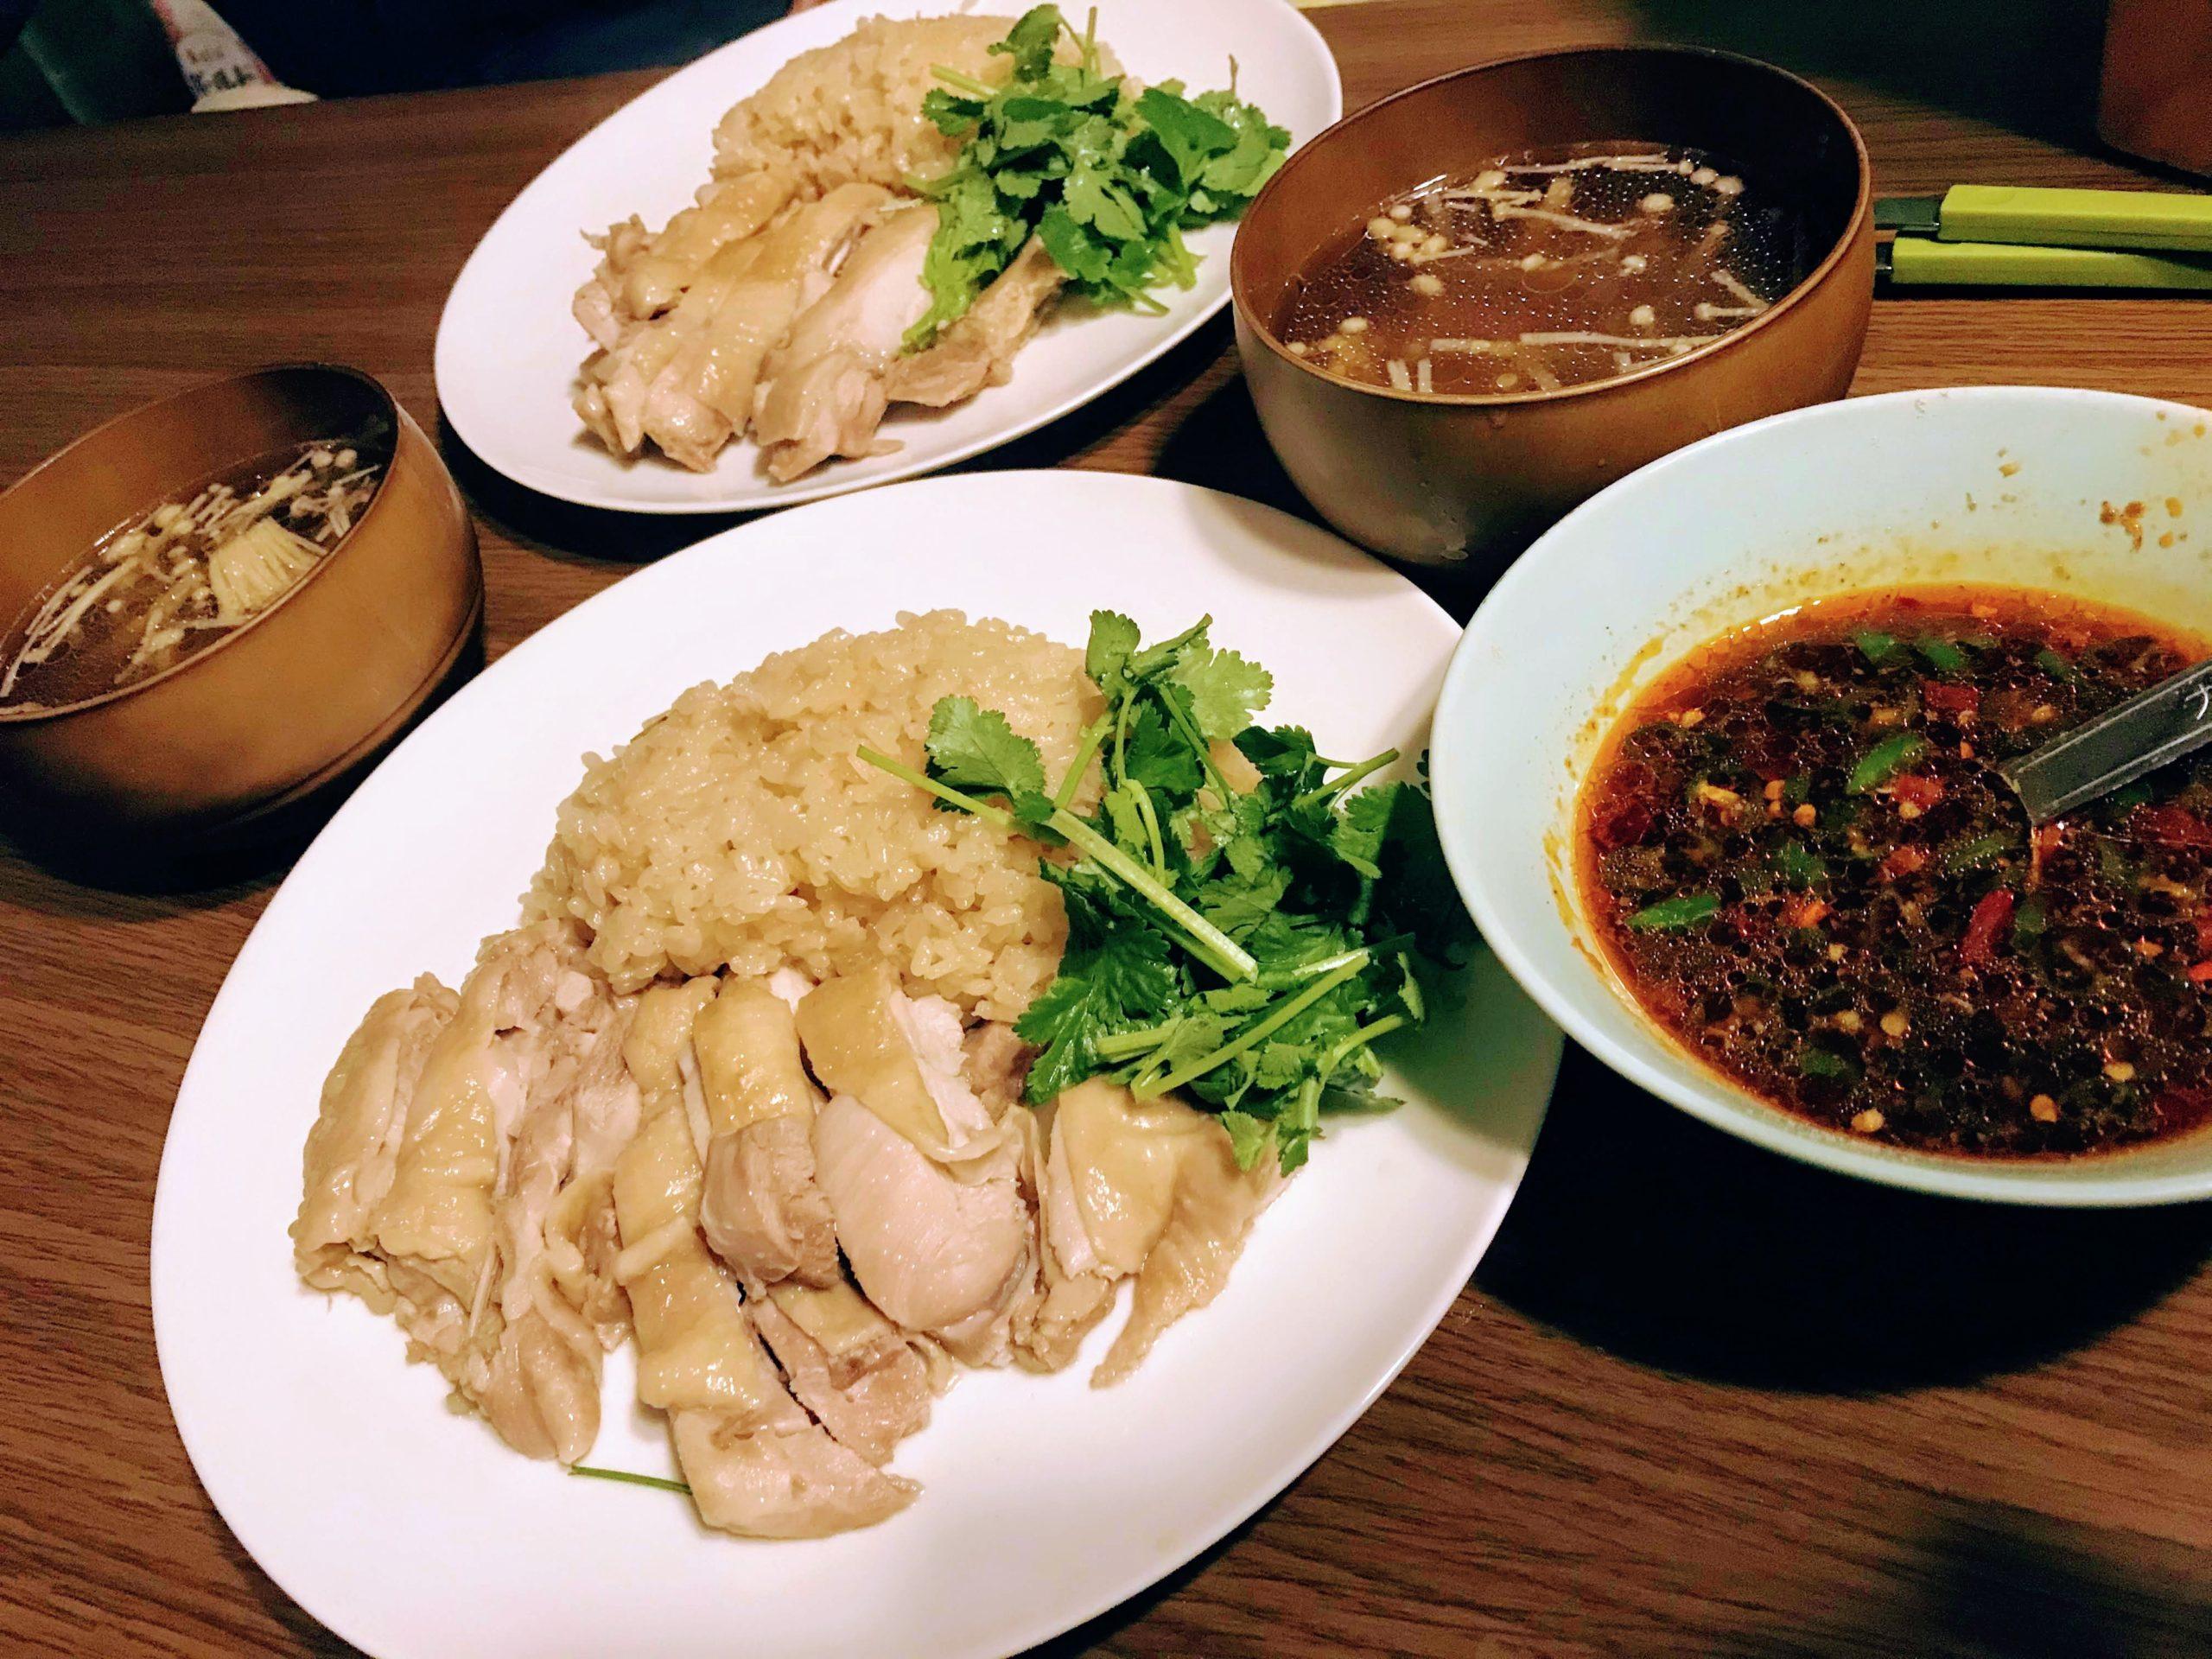 The BEST Khao Man Gai